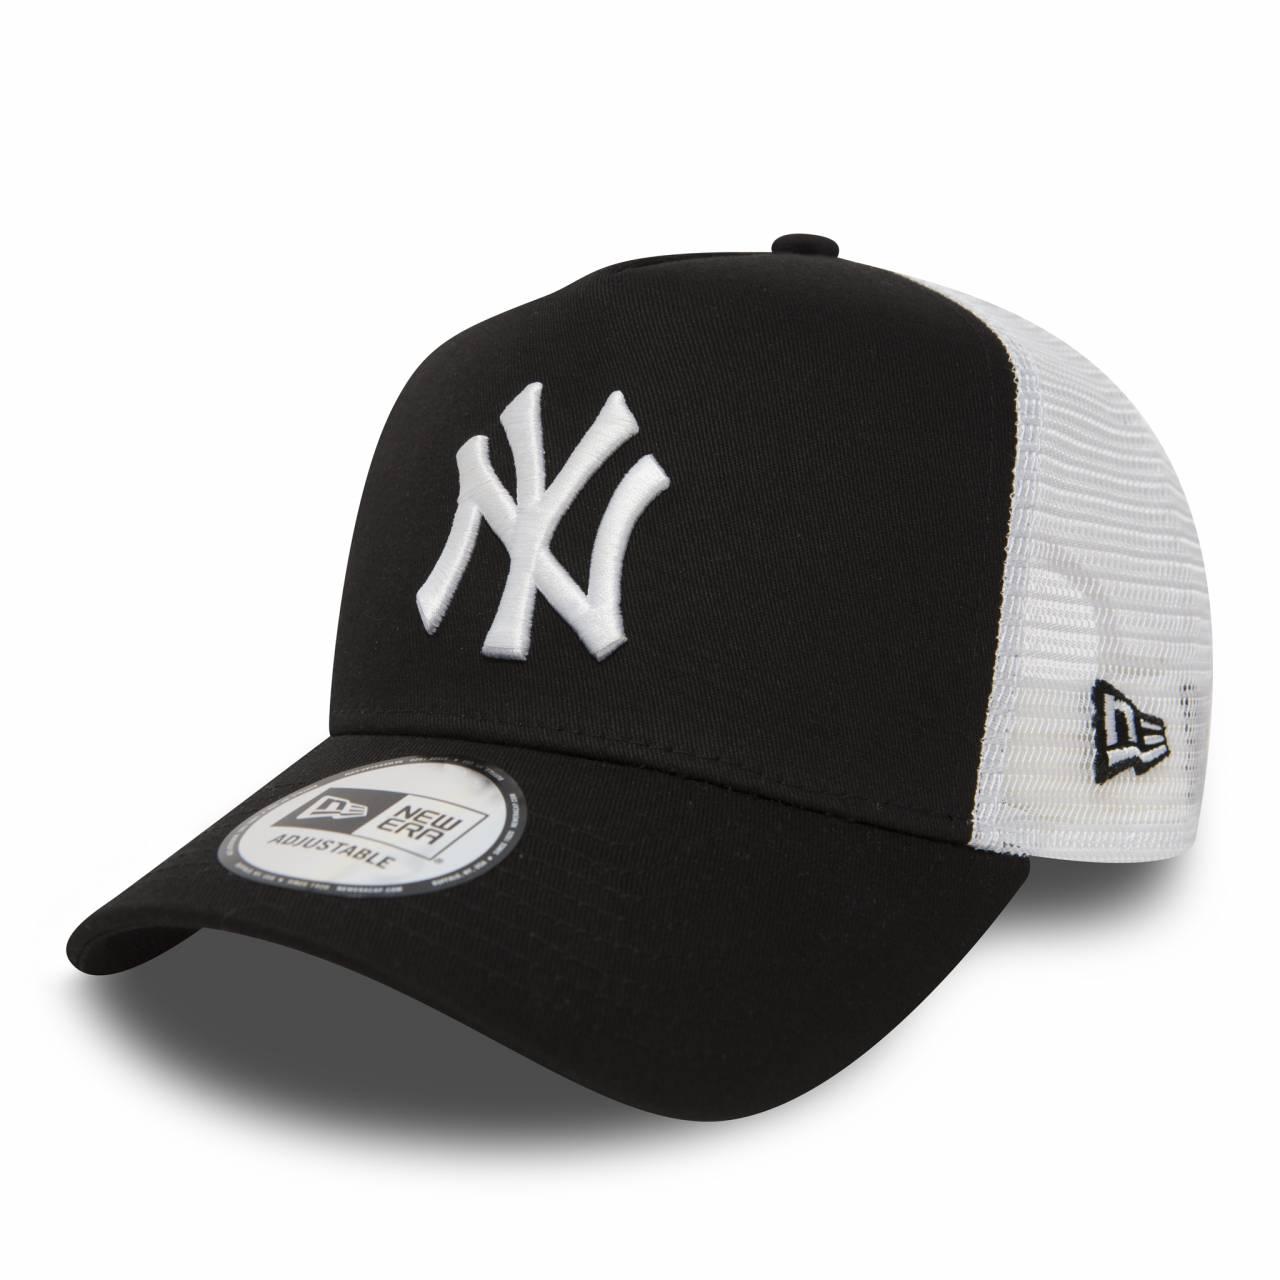 11588491 MLB TRUCKER NEW YORK YANKEES BLACK/WHITE CAP